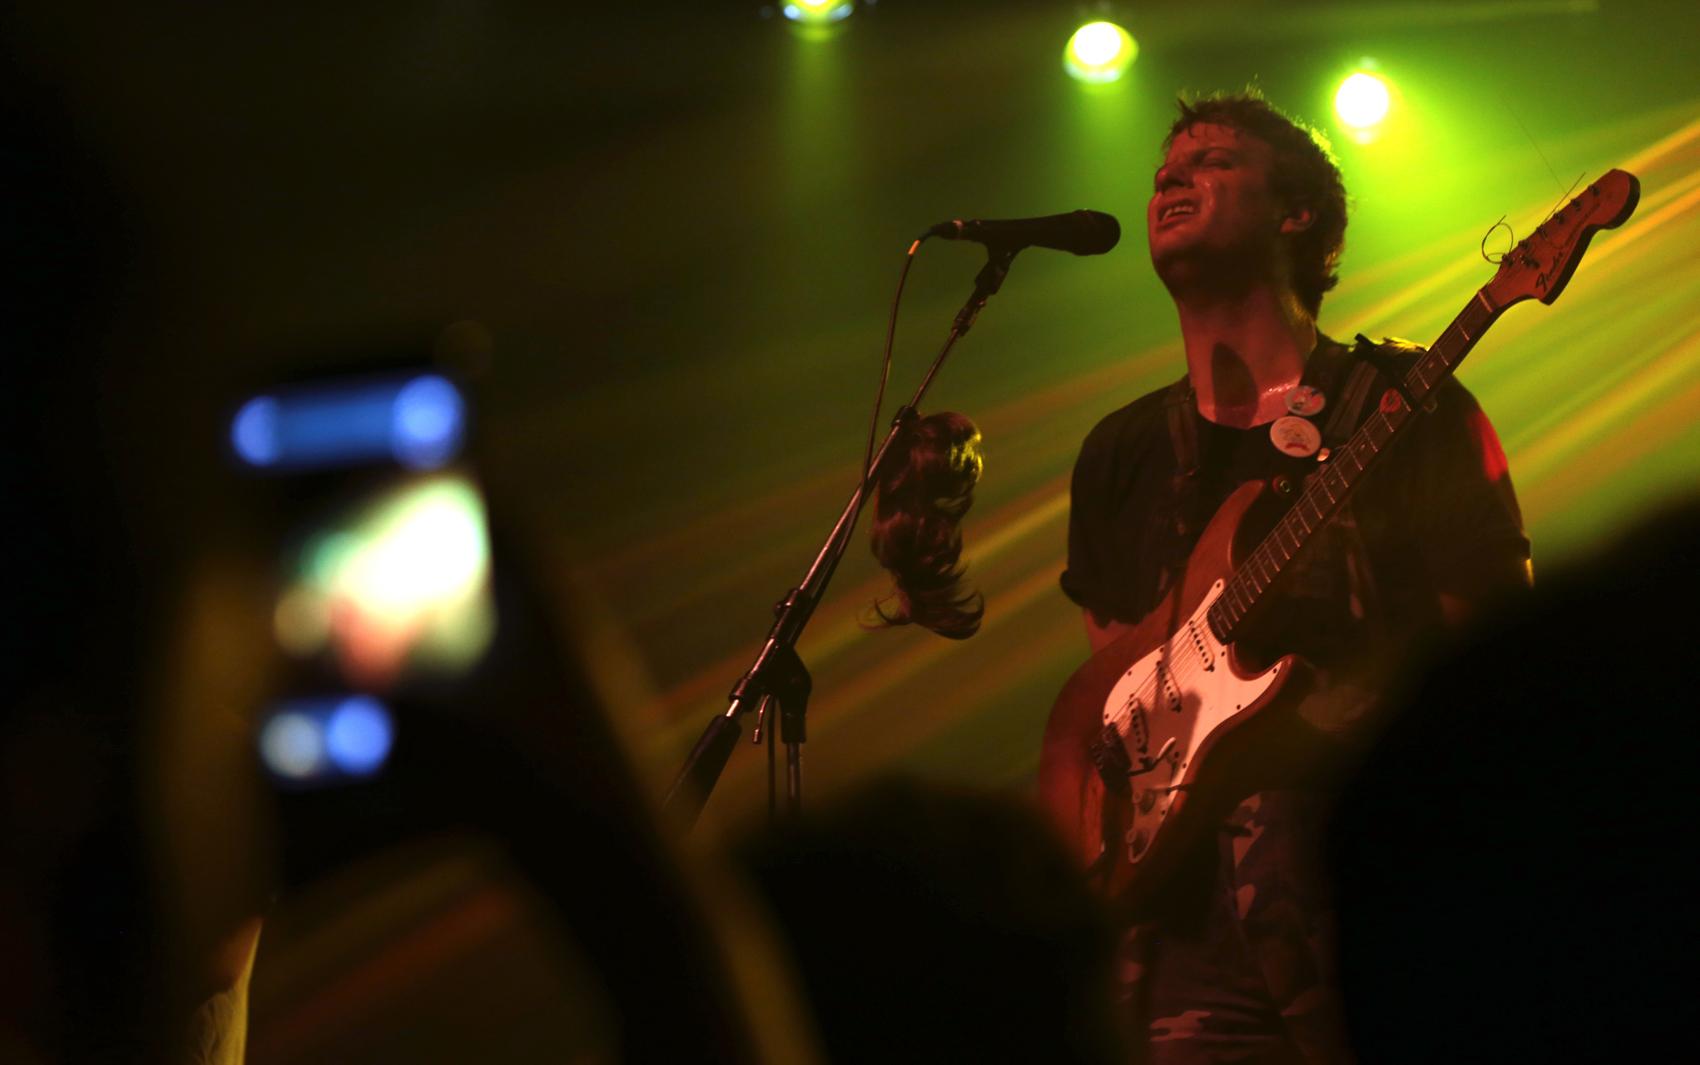 Mac DeMarco se apresentou no Audio Club, em São Paulo, no sábado (21)